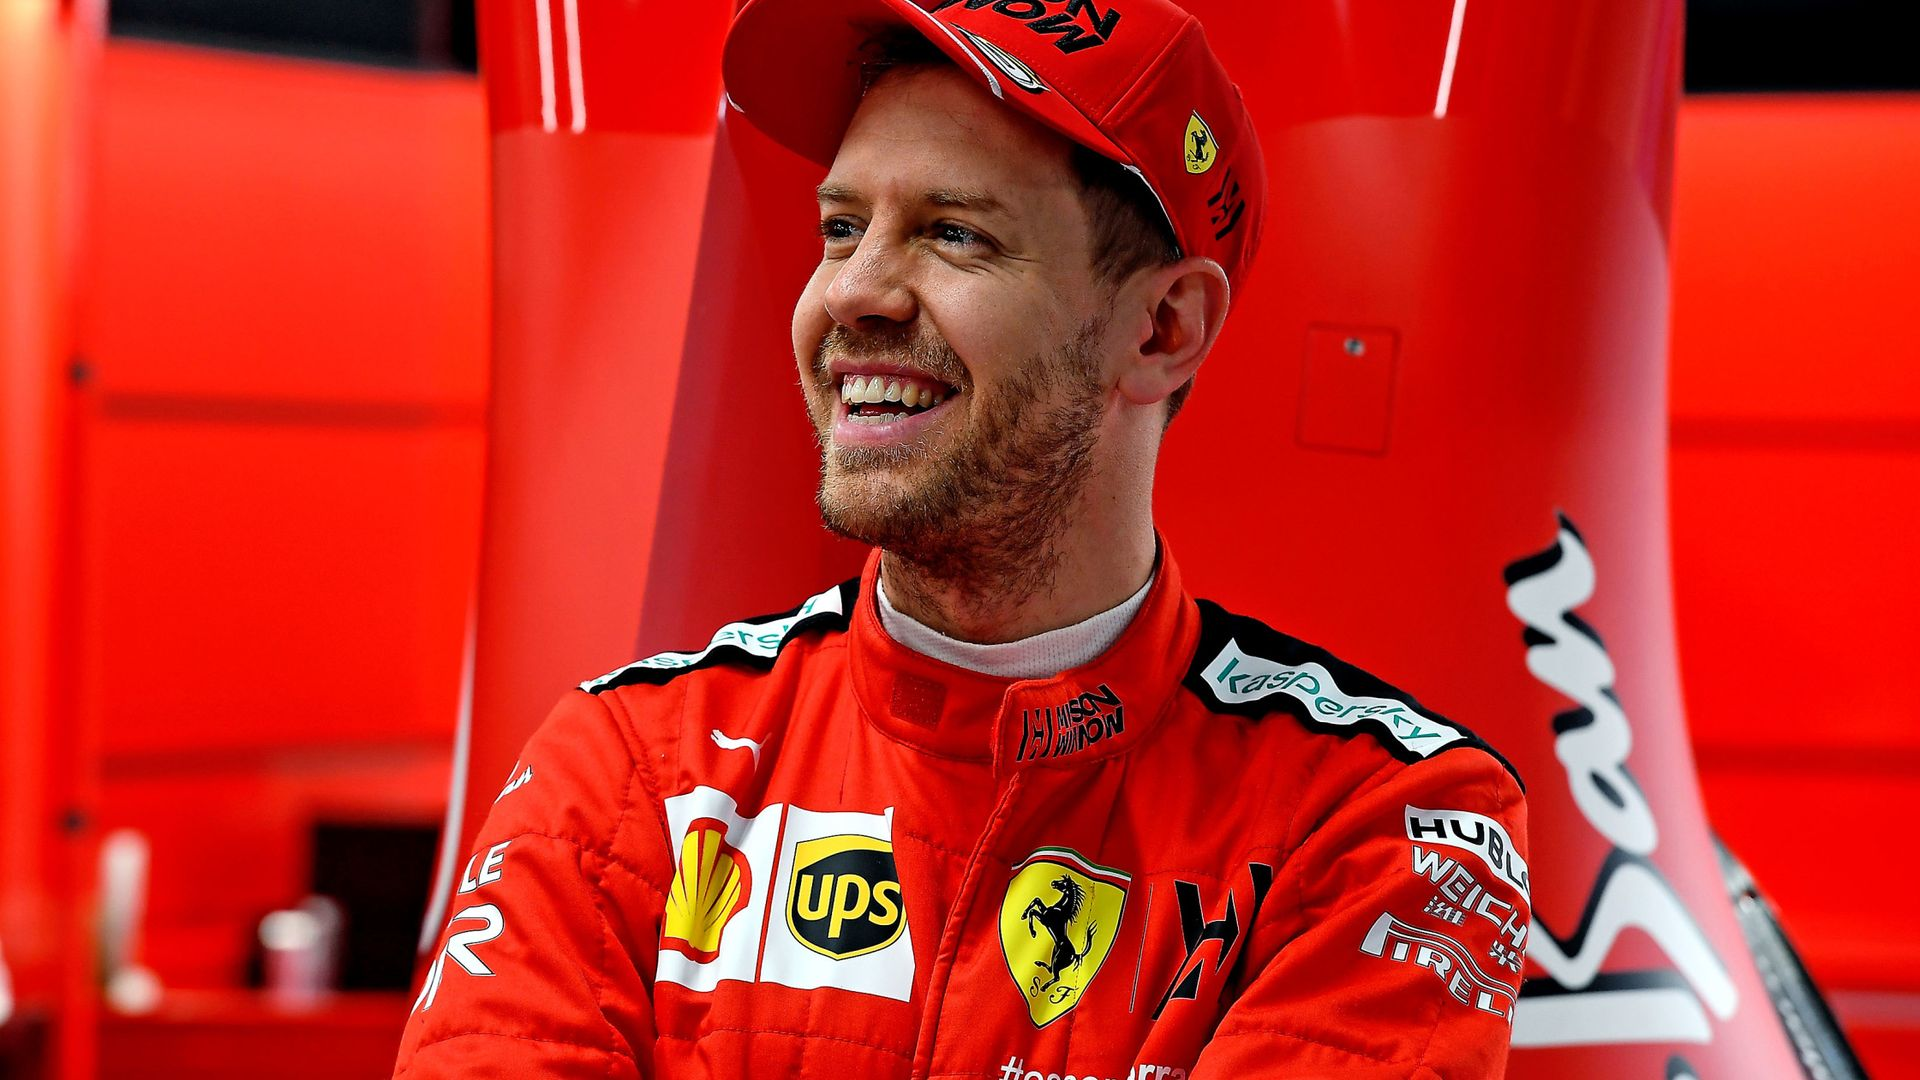 'Vettel won't want midfield F1 seat'